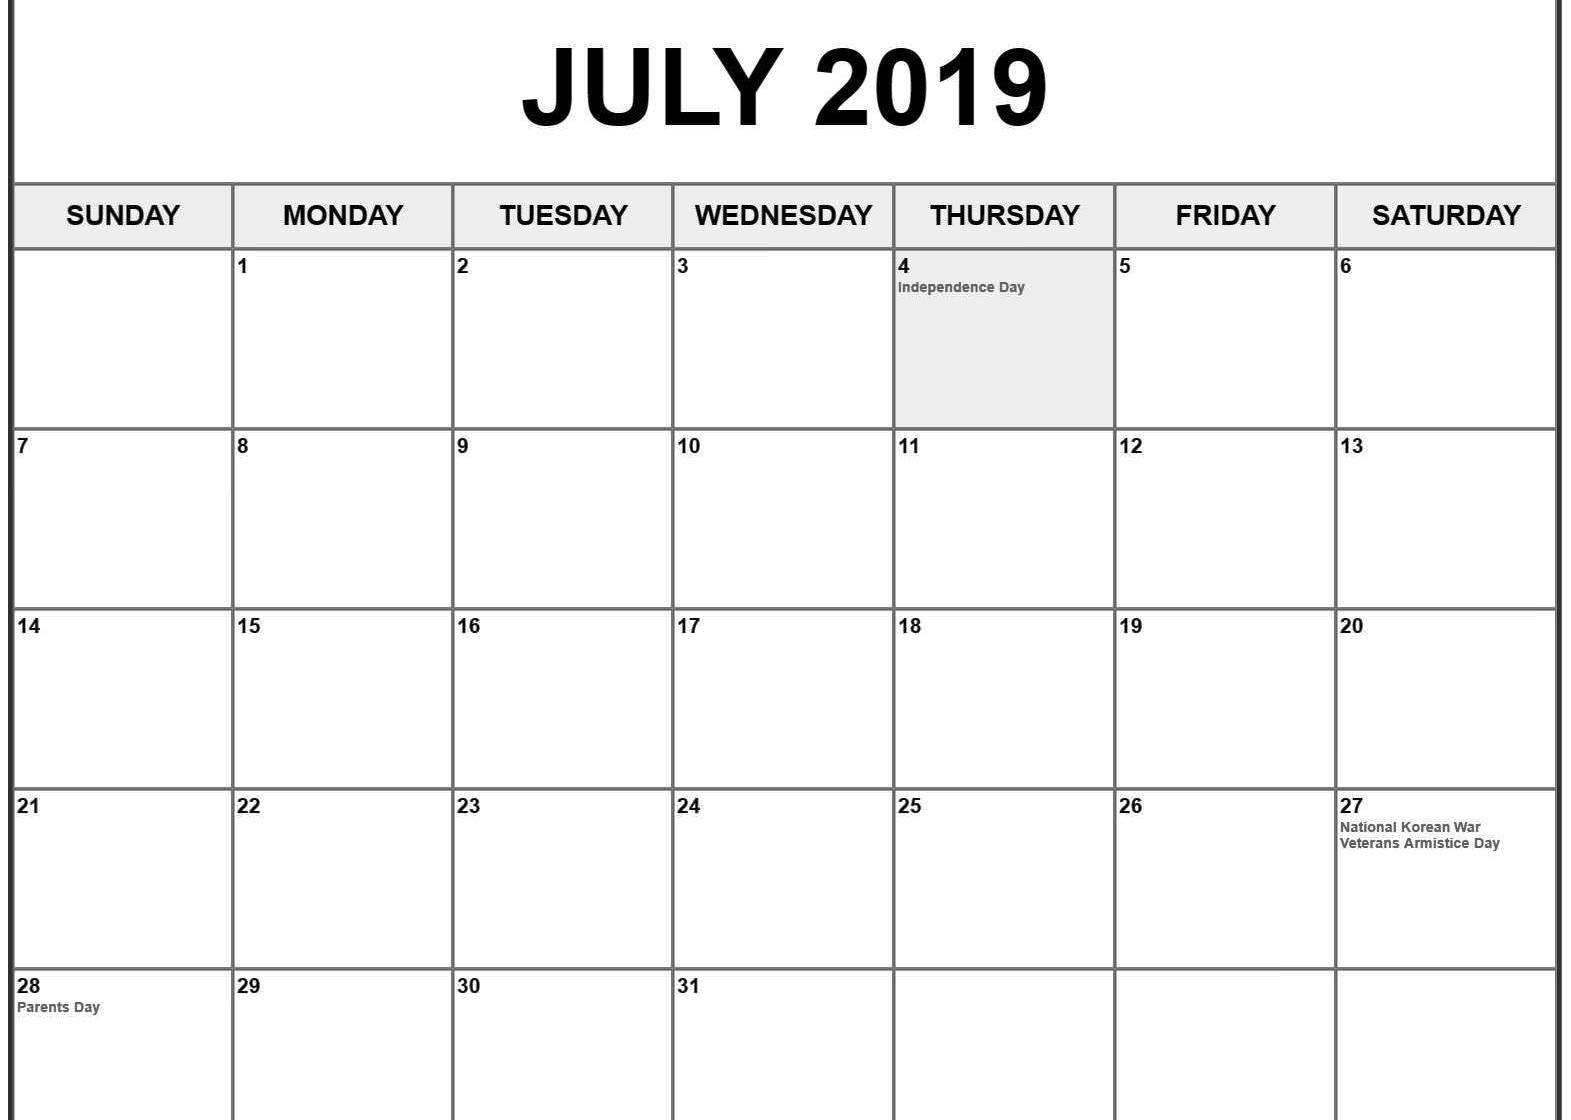 July 2019 Calendar With Holidays Us Uk Canada Australia India